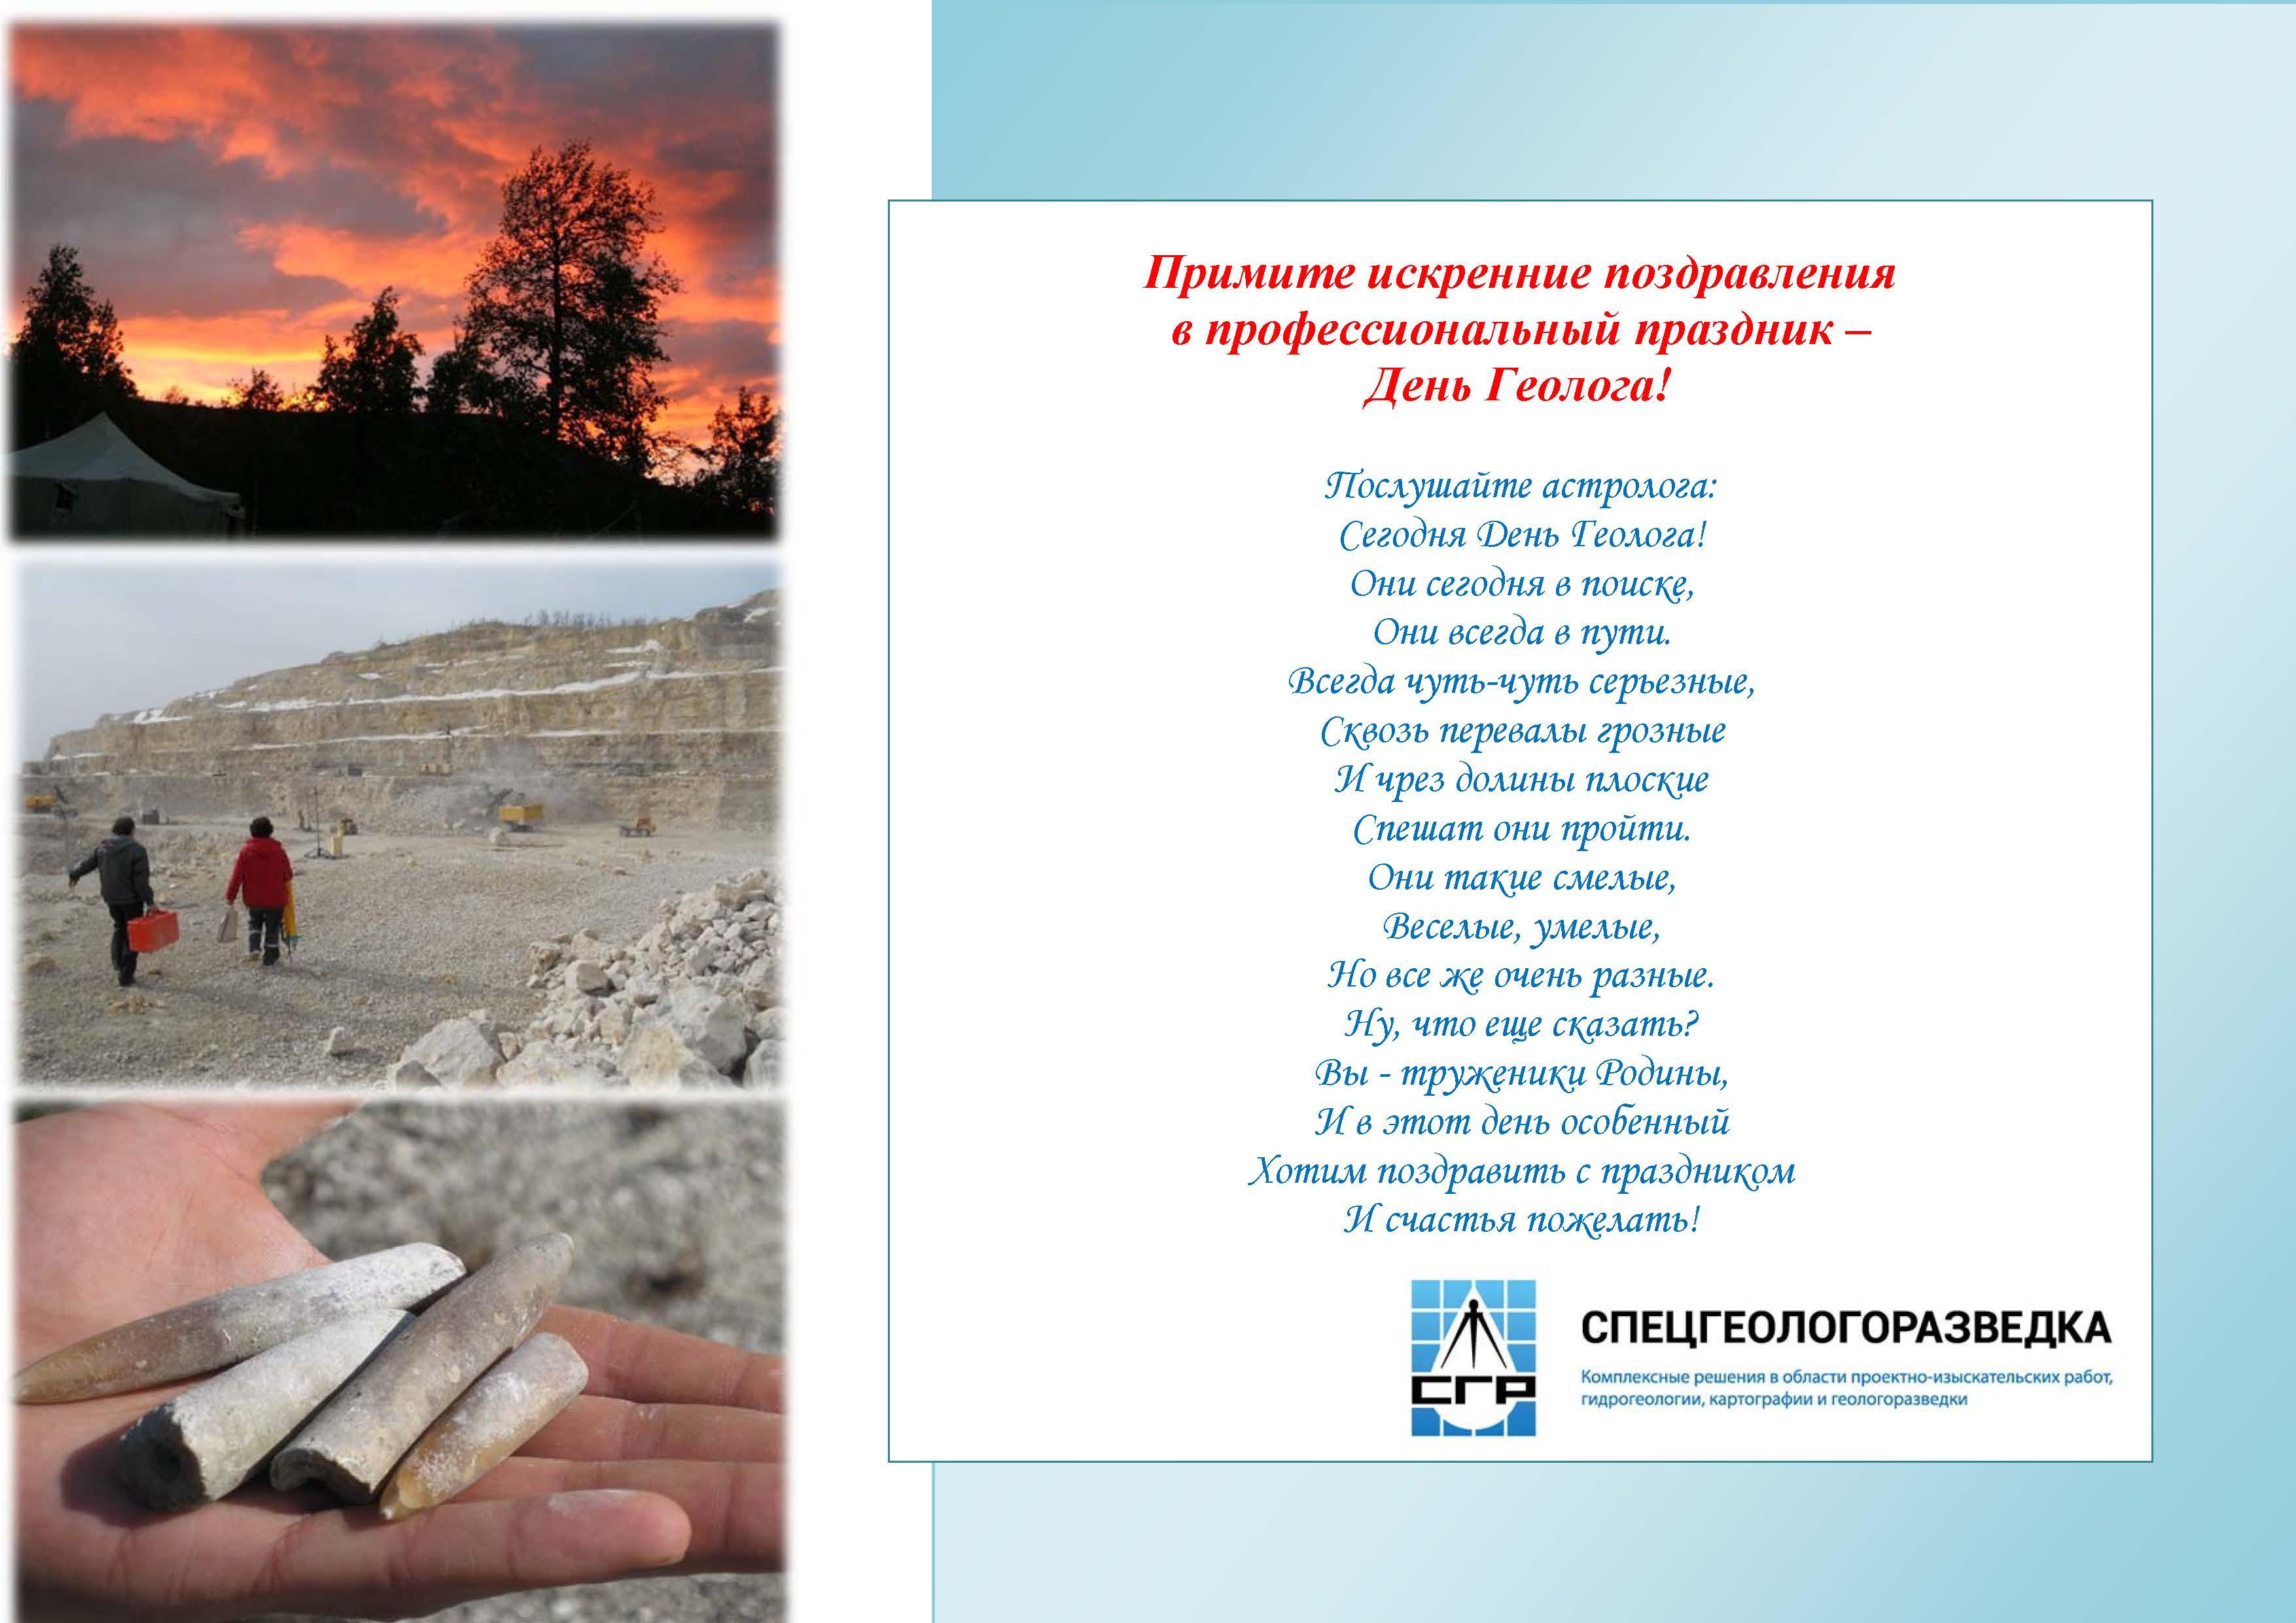 Официальное поздравление с днём геолога